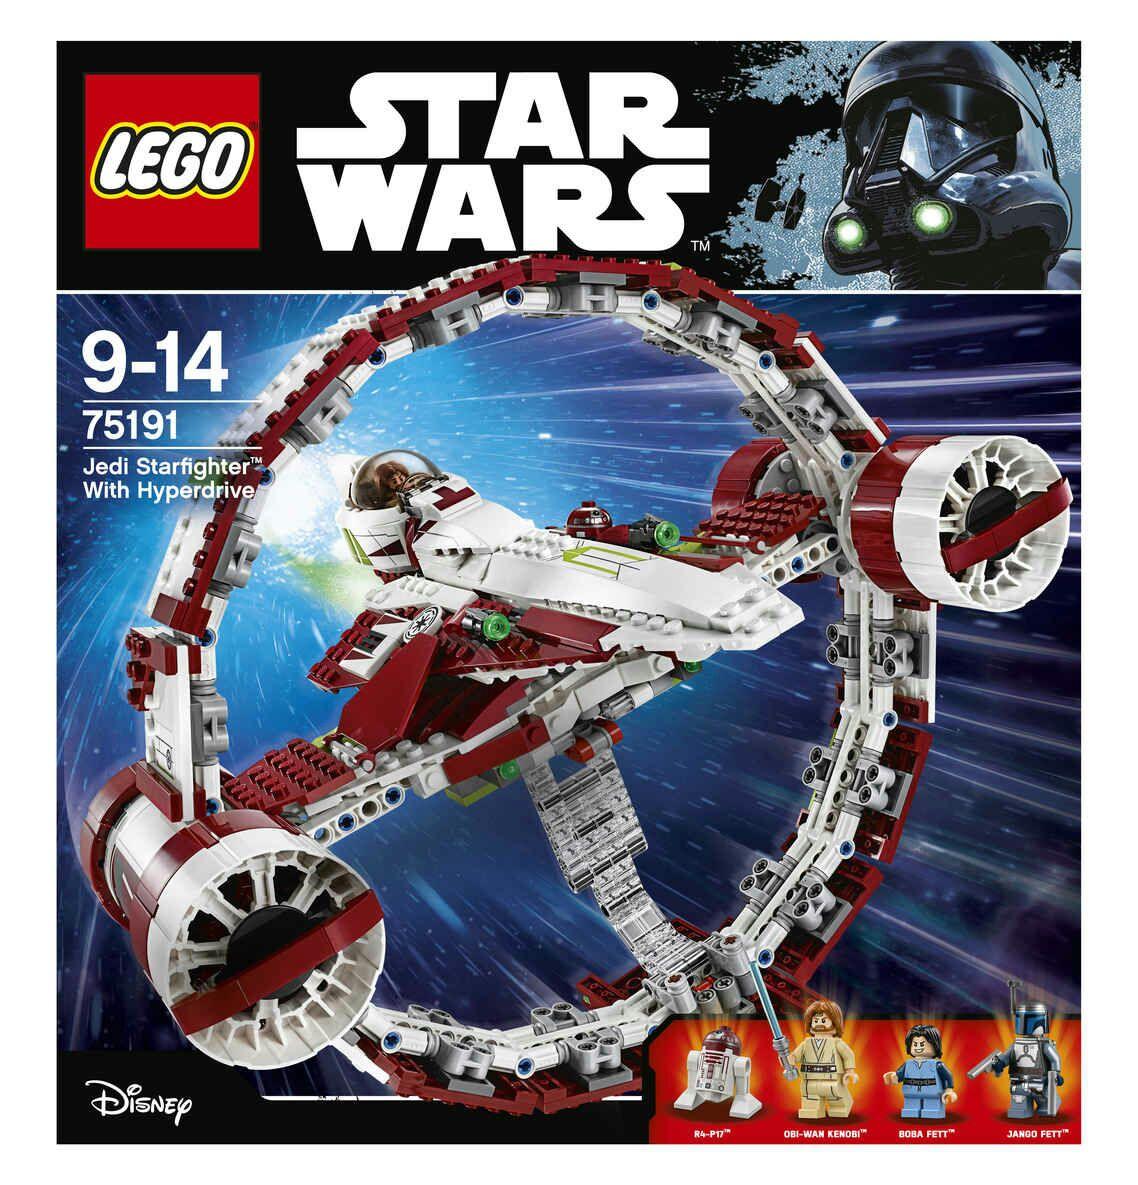 (Galeria Kaufhof) LEGO Star Wars Jedi Star Fighter 75191 für 90 statt 110 €